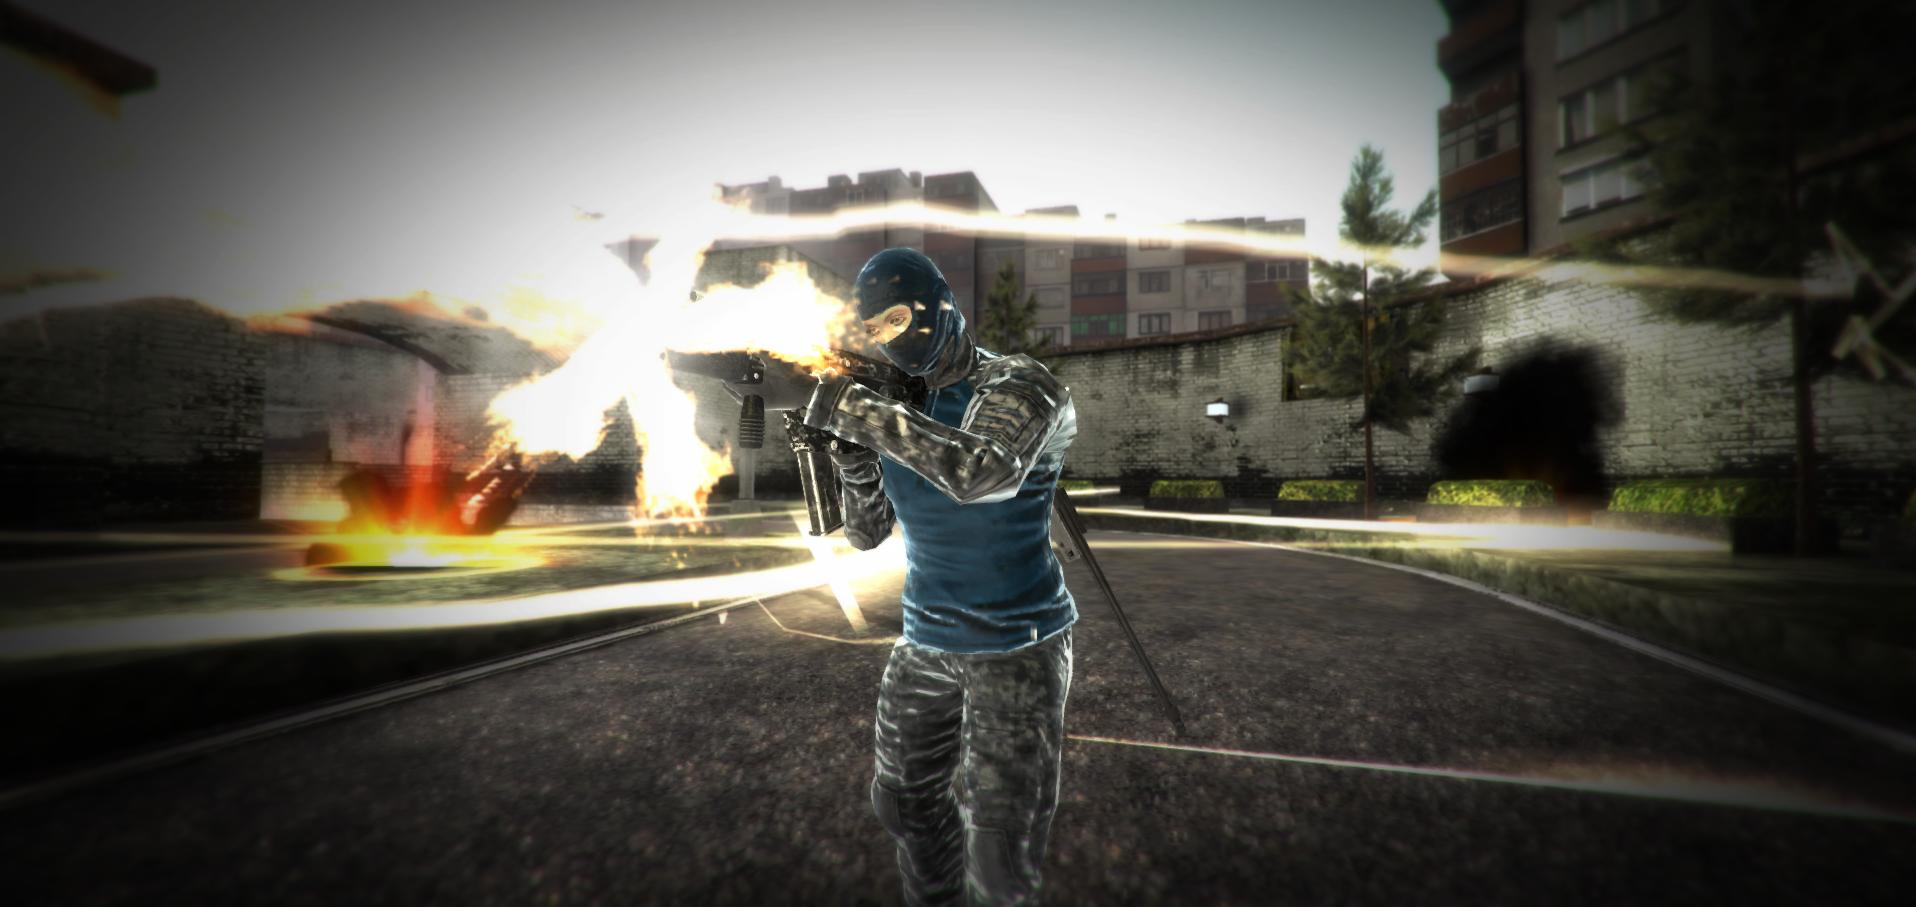 MFPS: Multiplayer FPS